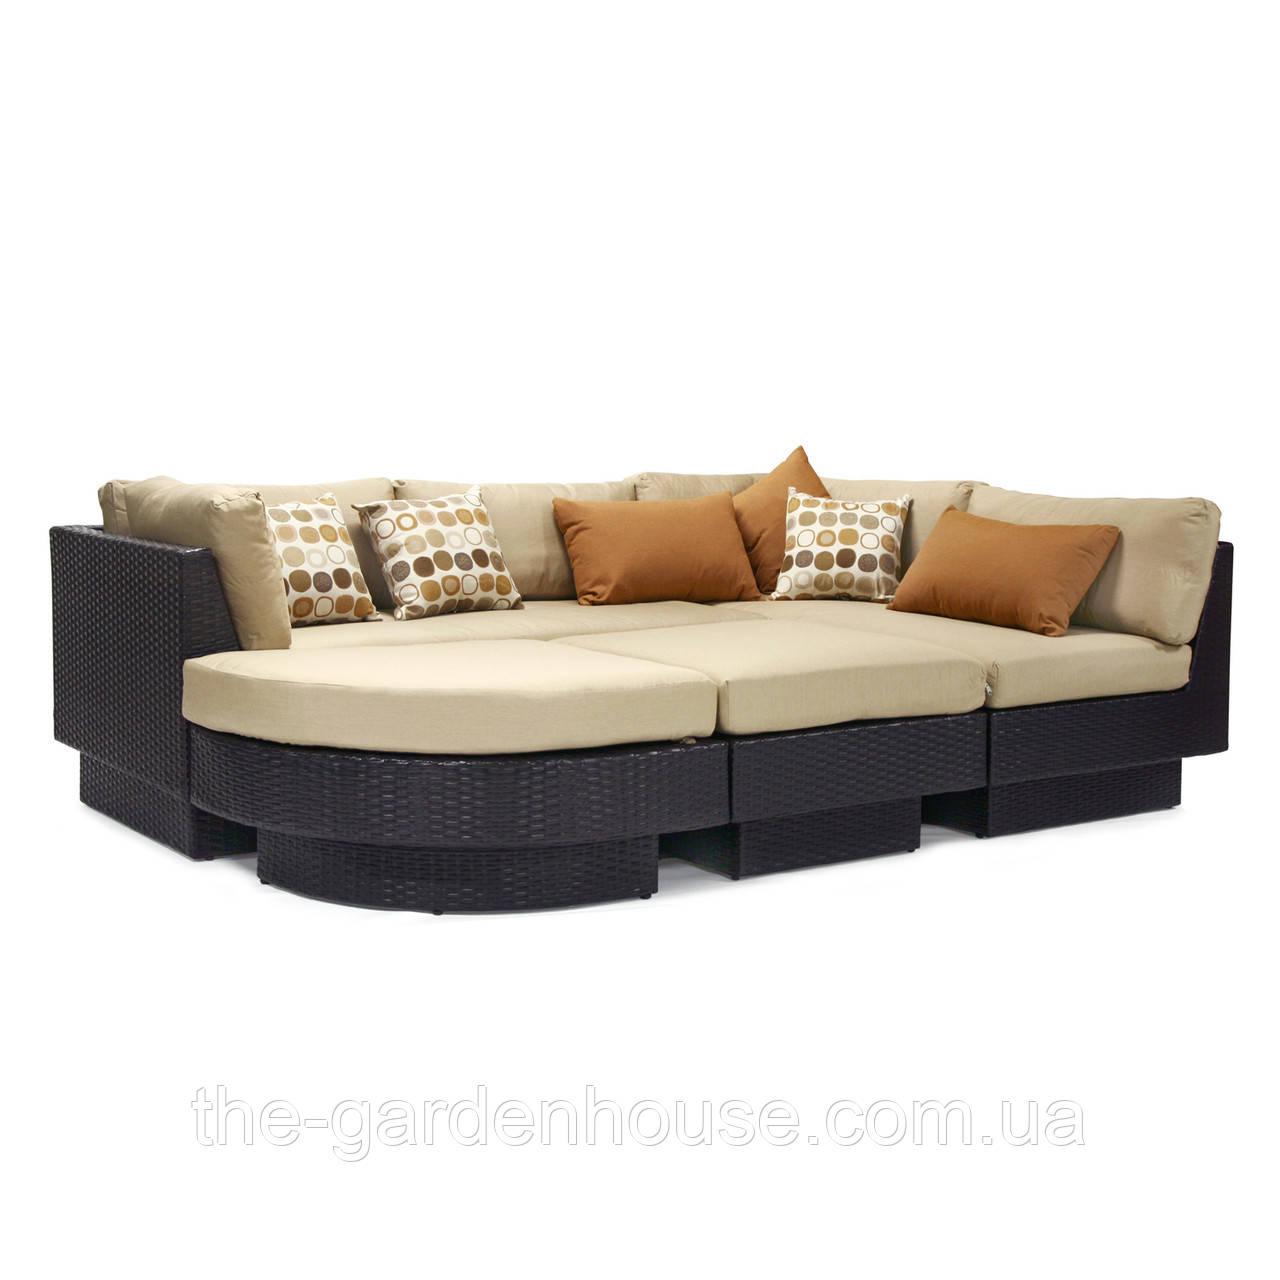 Модульный диван Stella из искусственного ротанга коричневый